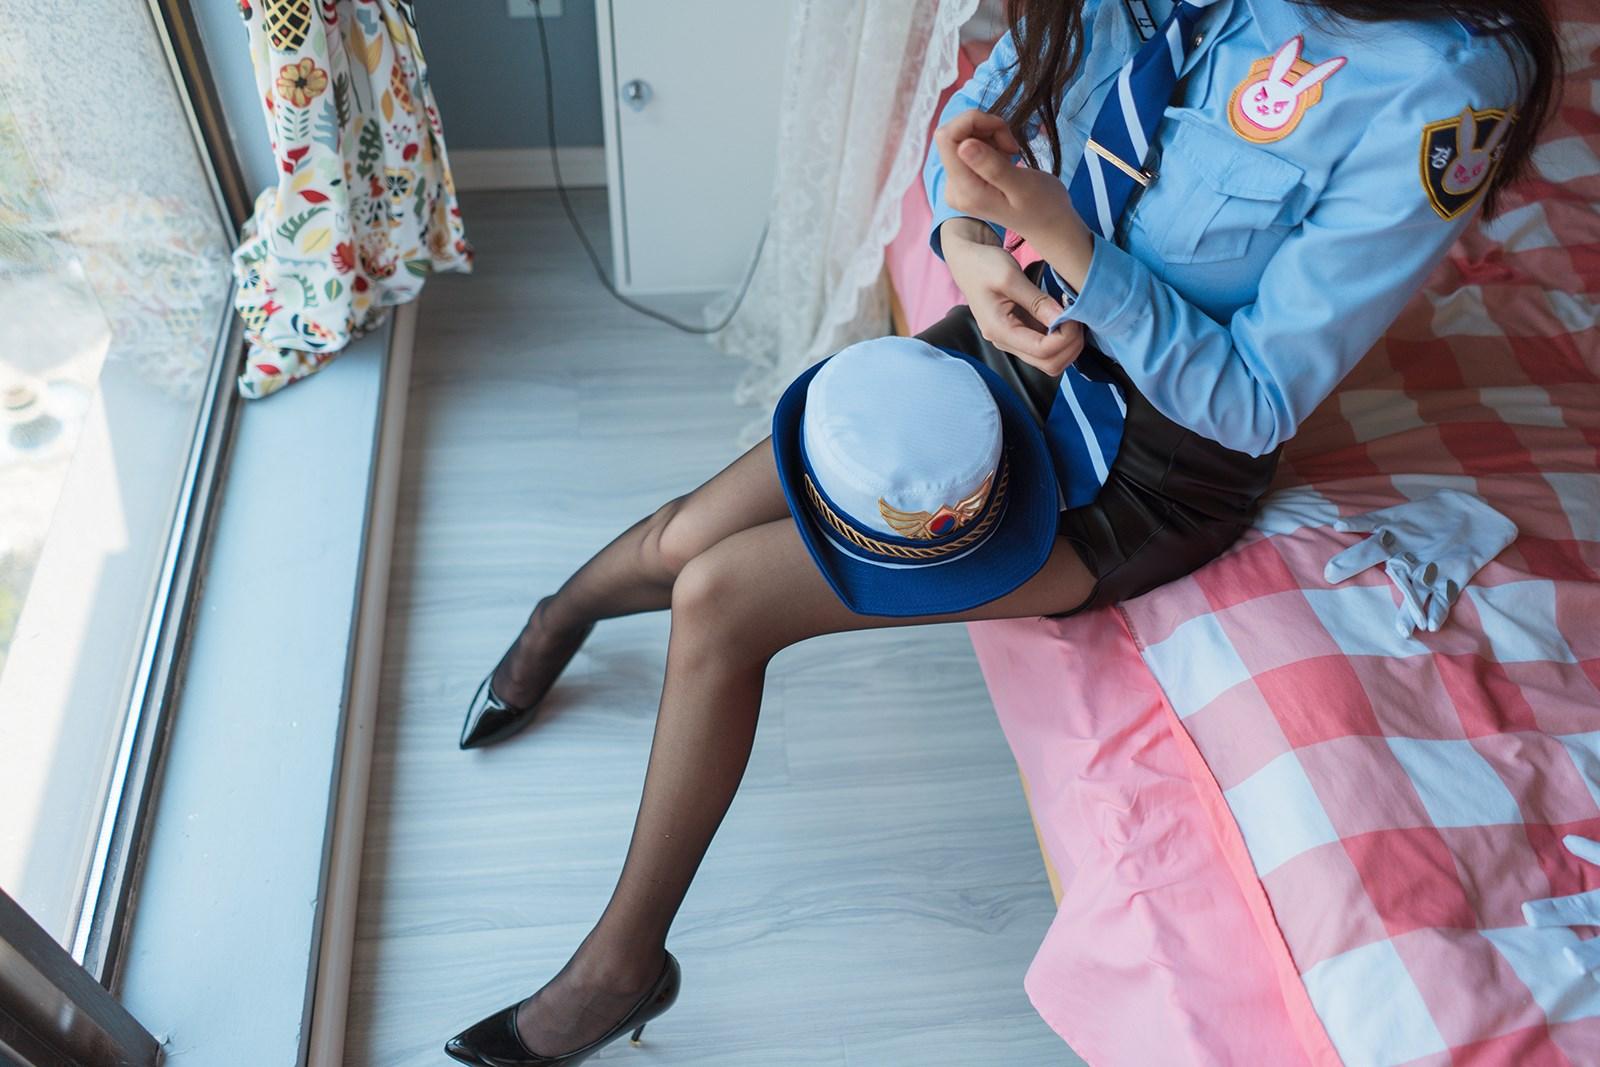 【兔玩映画】黑丝高跟鞋 兔玩映画 第20张